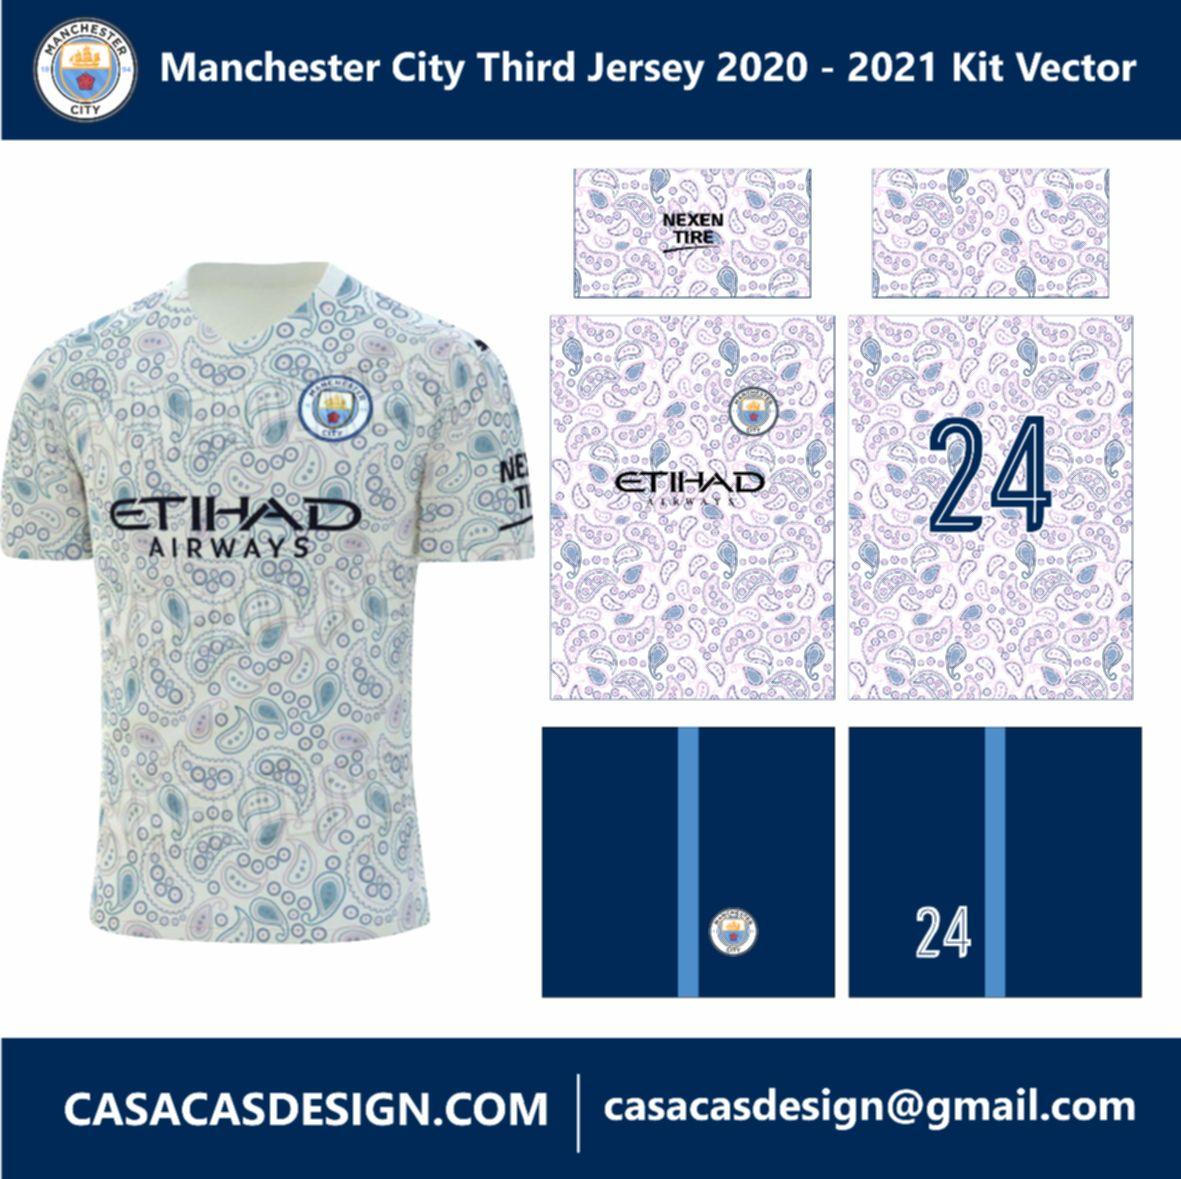 Manchester City Third Jersey 2020 2021 Kit Vector Manchester City Manchester Football Design